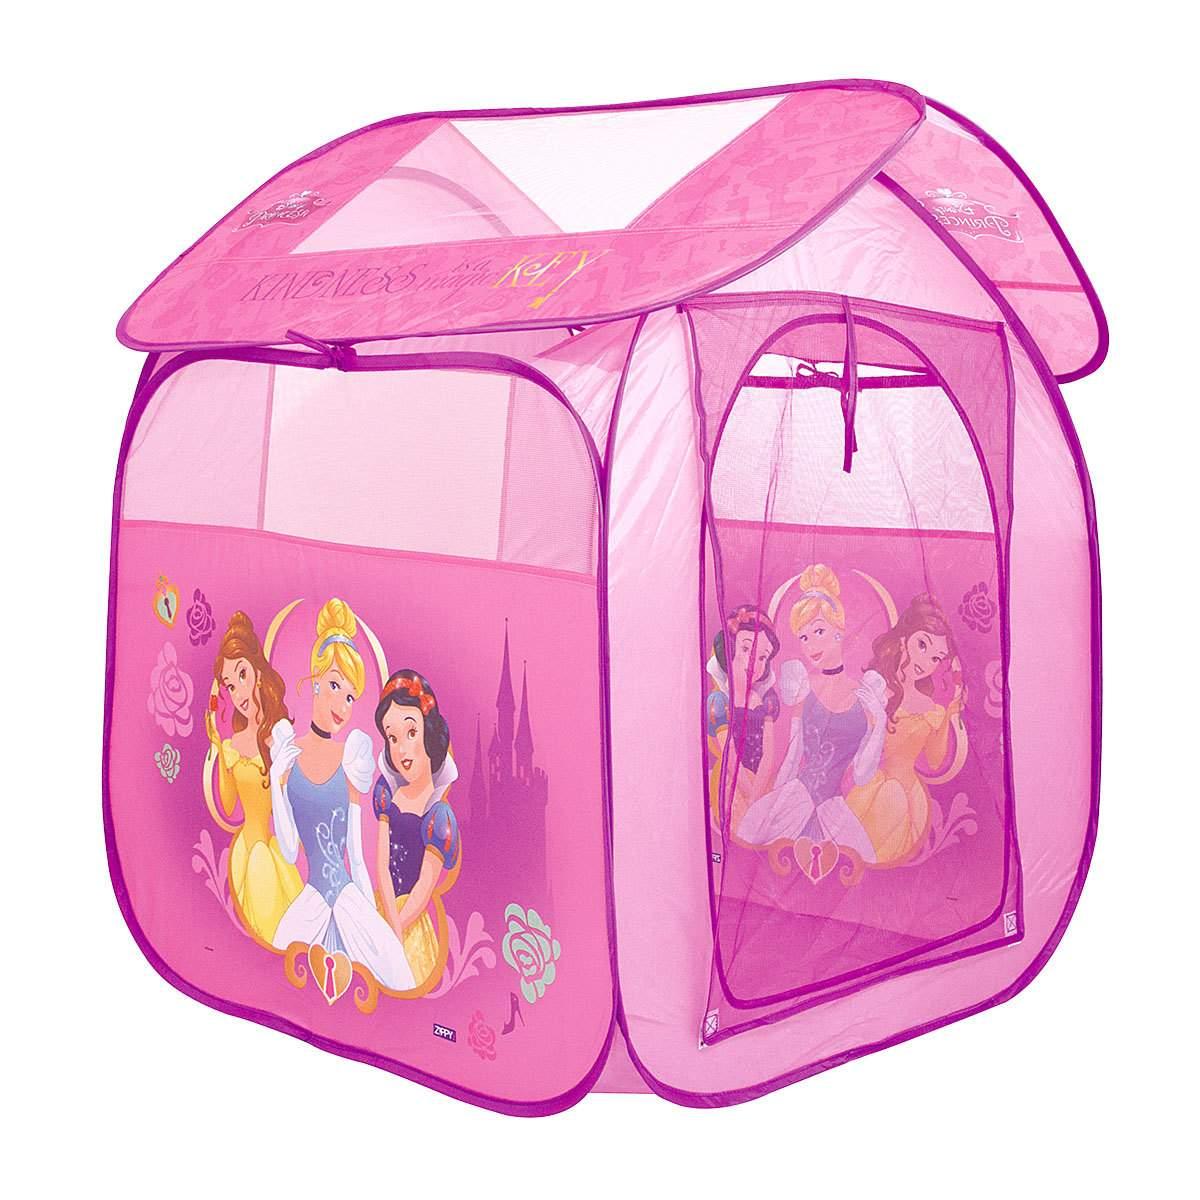 Tenda Barraca Infantil Casa Das Princesas Rosa - Zippy Toys 3864